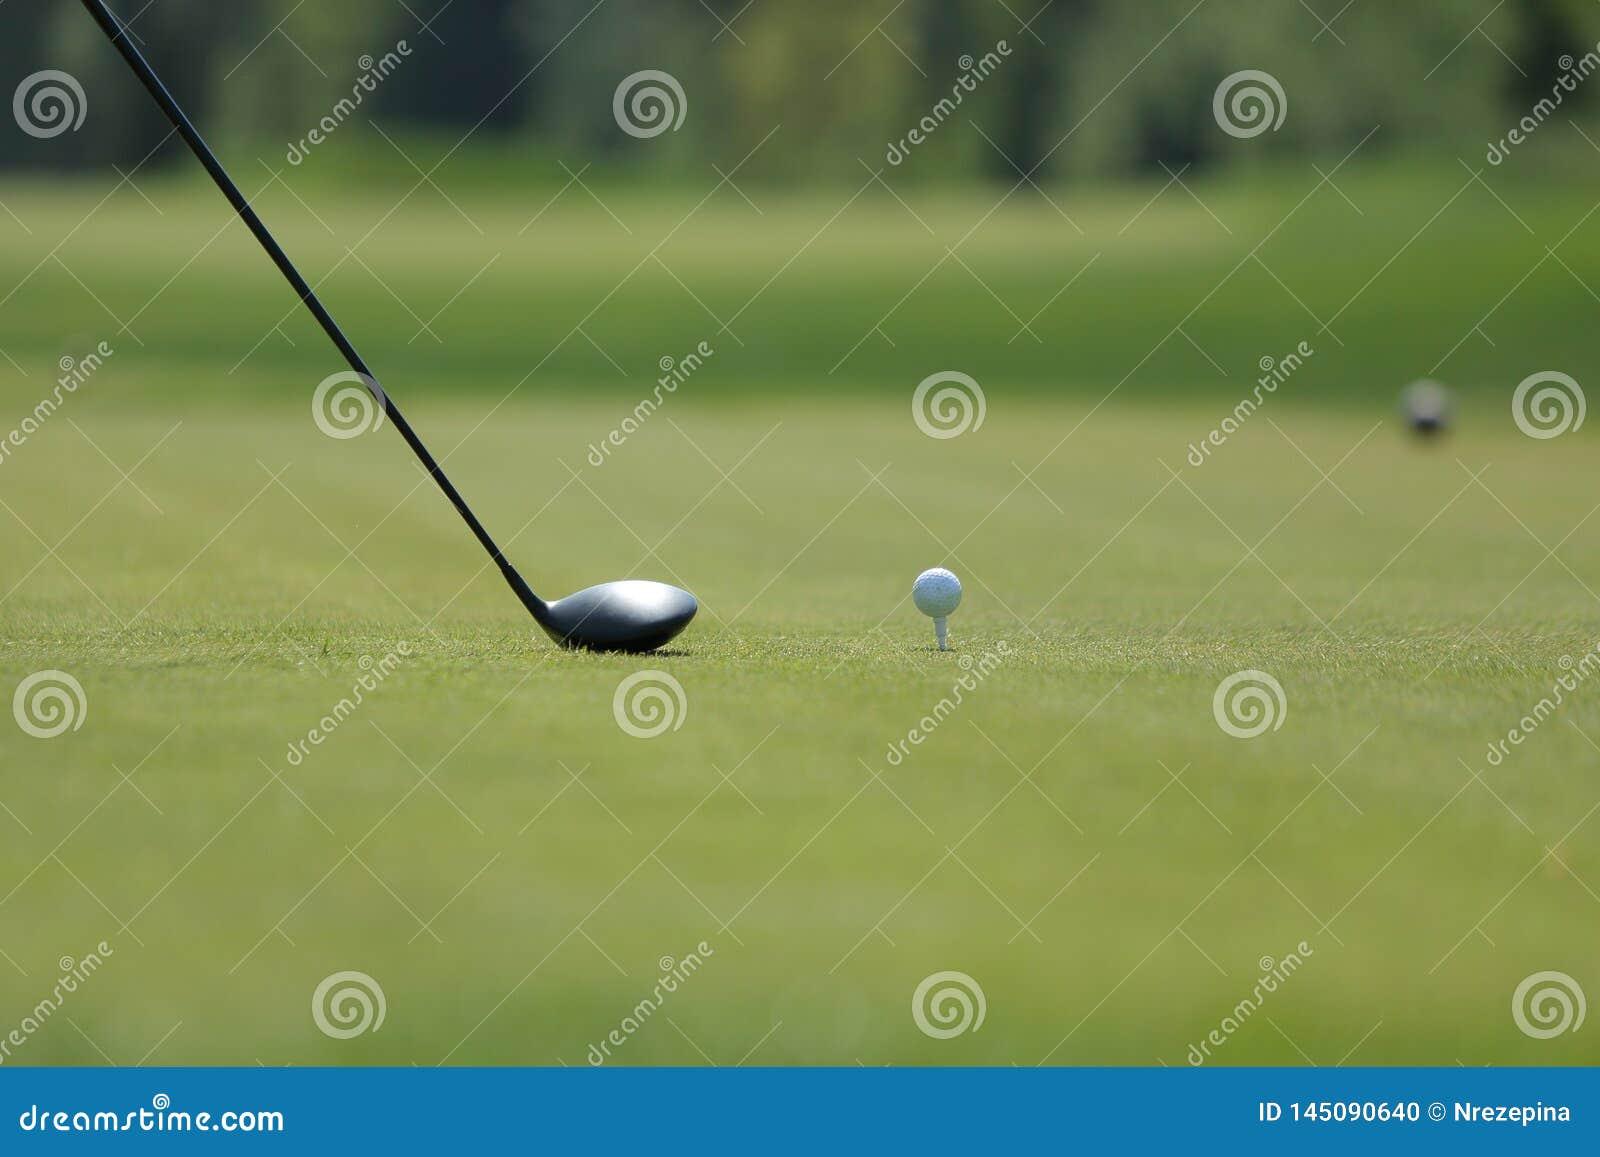 与球的高尔夫球司机在高尔夫球场的一个发球区域